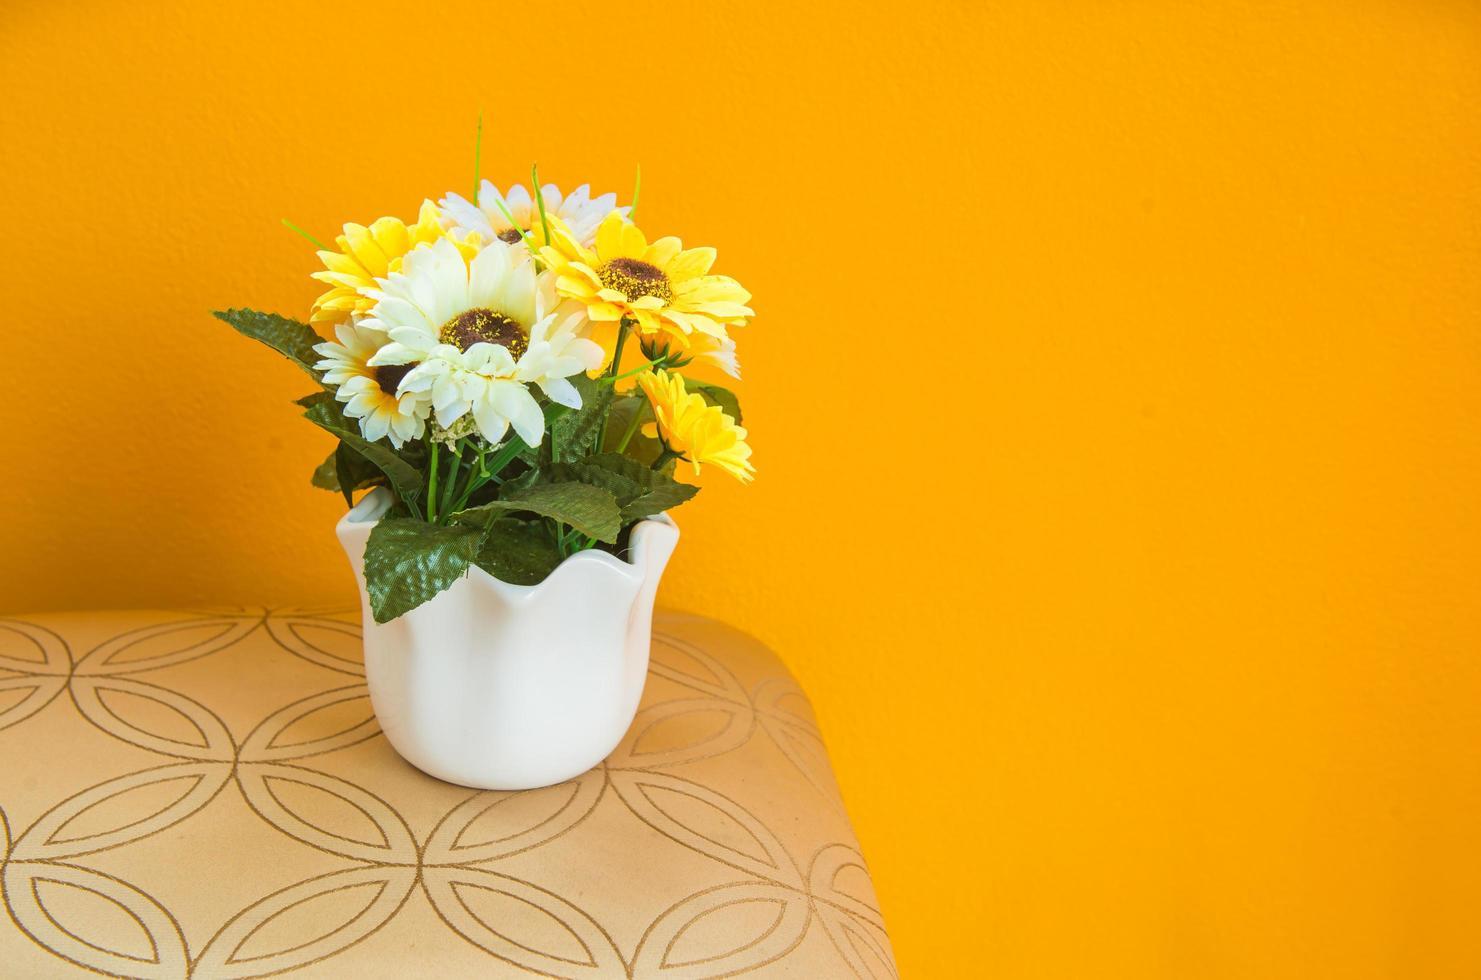 Strauß gelber Gänseblümchen in weißer Vase foto